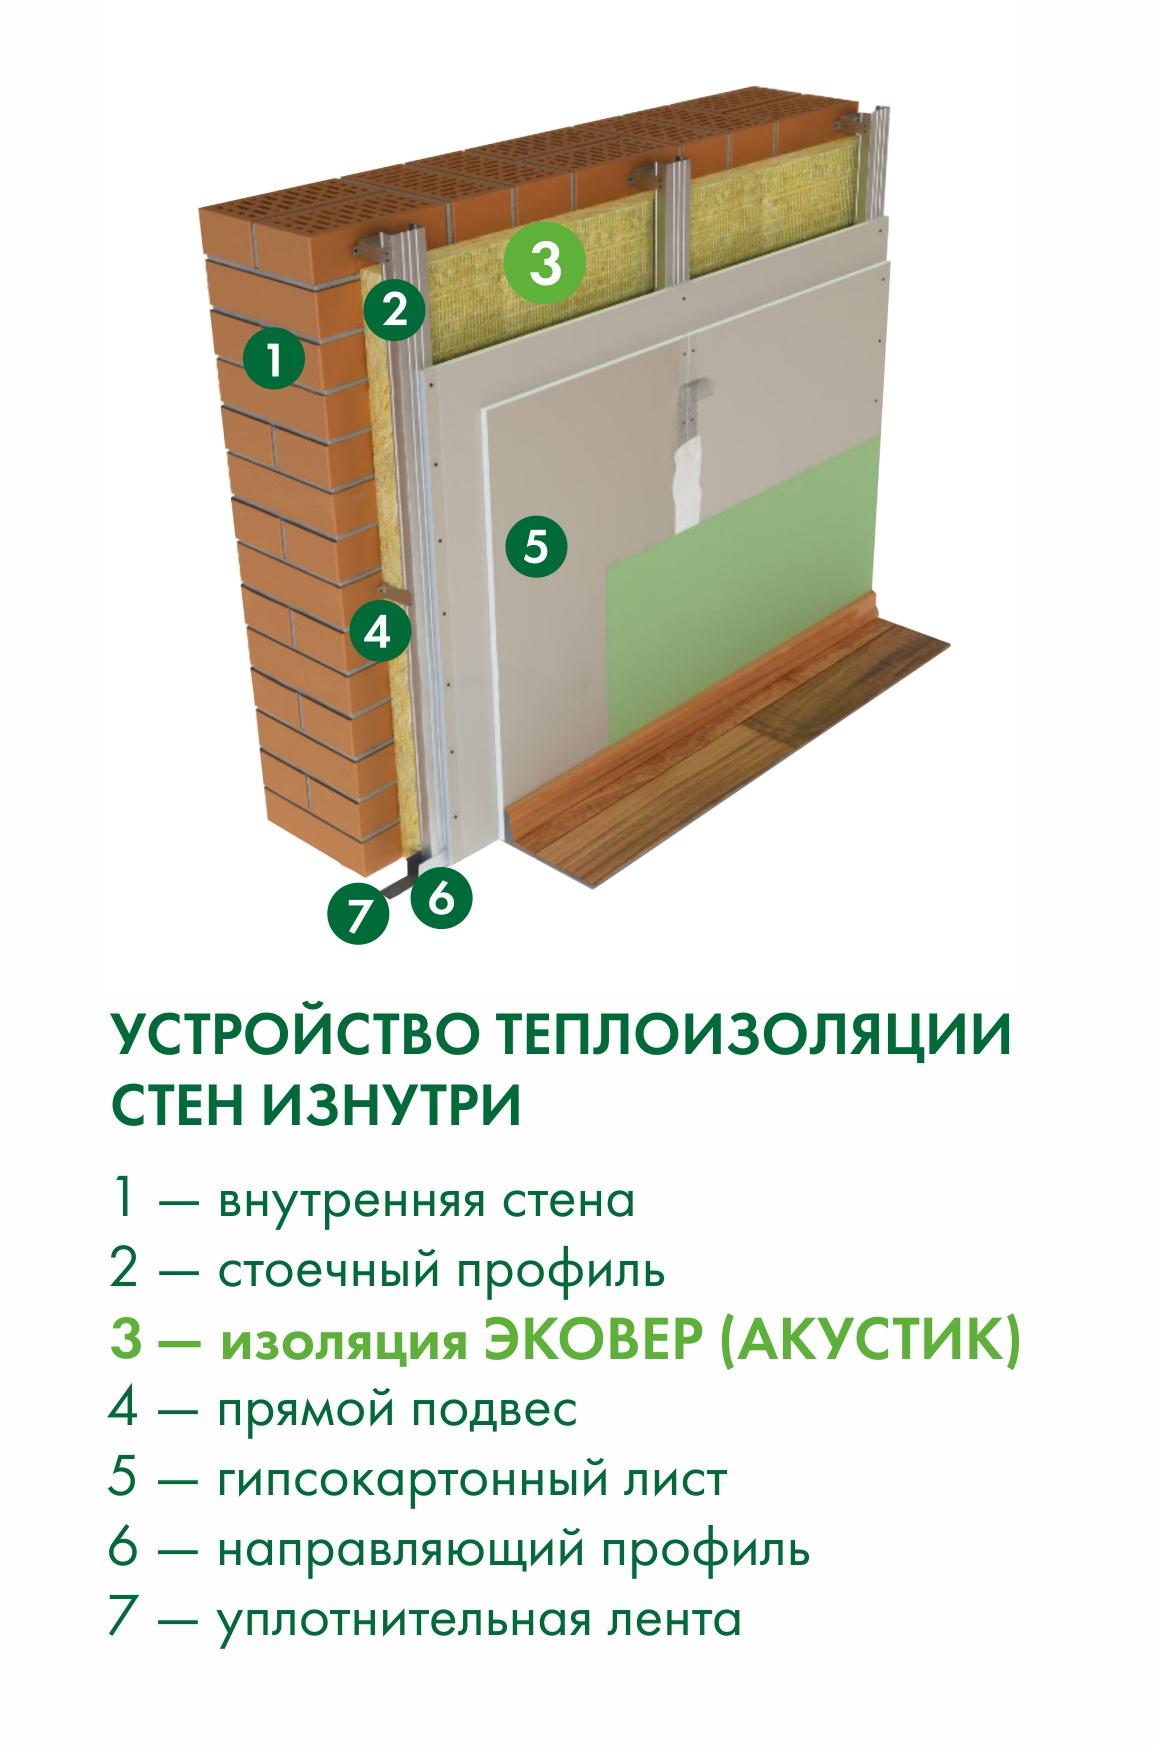 Звукоизоляция внутренних стен